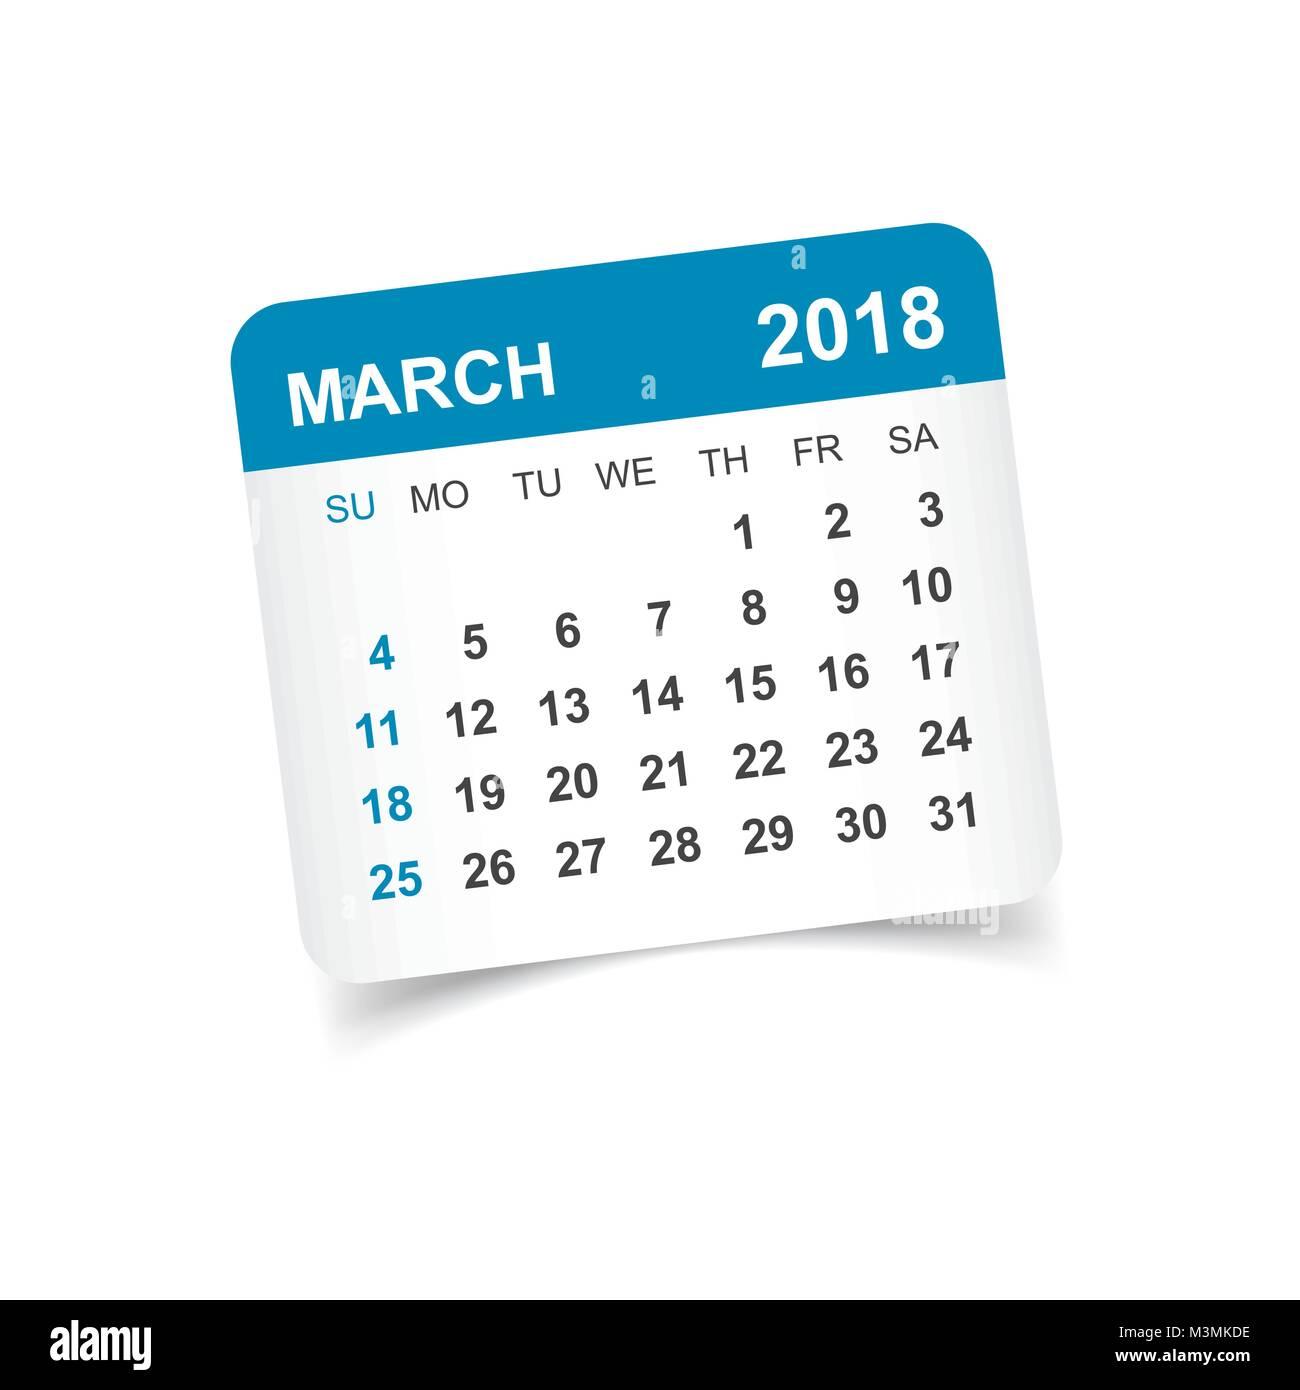 march 2018 calendar calendar sticker design template week starts